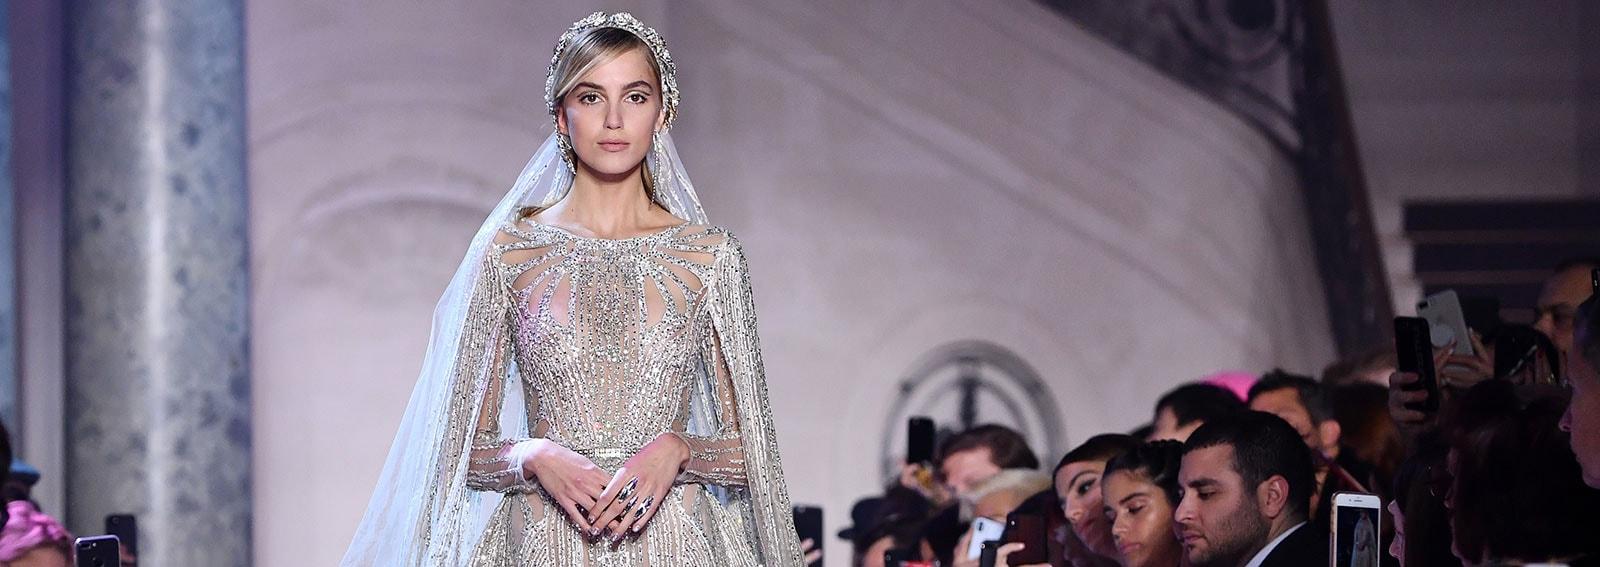 COVER-sposa-haute-couture-pe-2018-DESKTOP